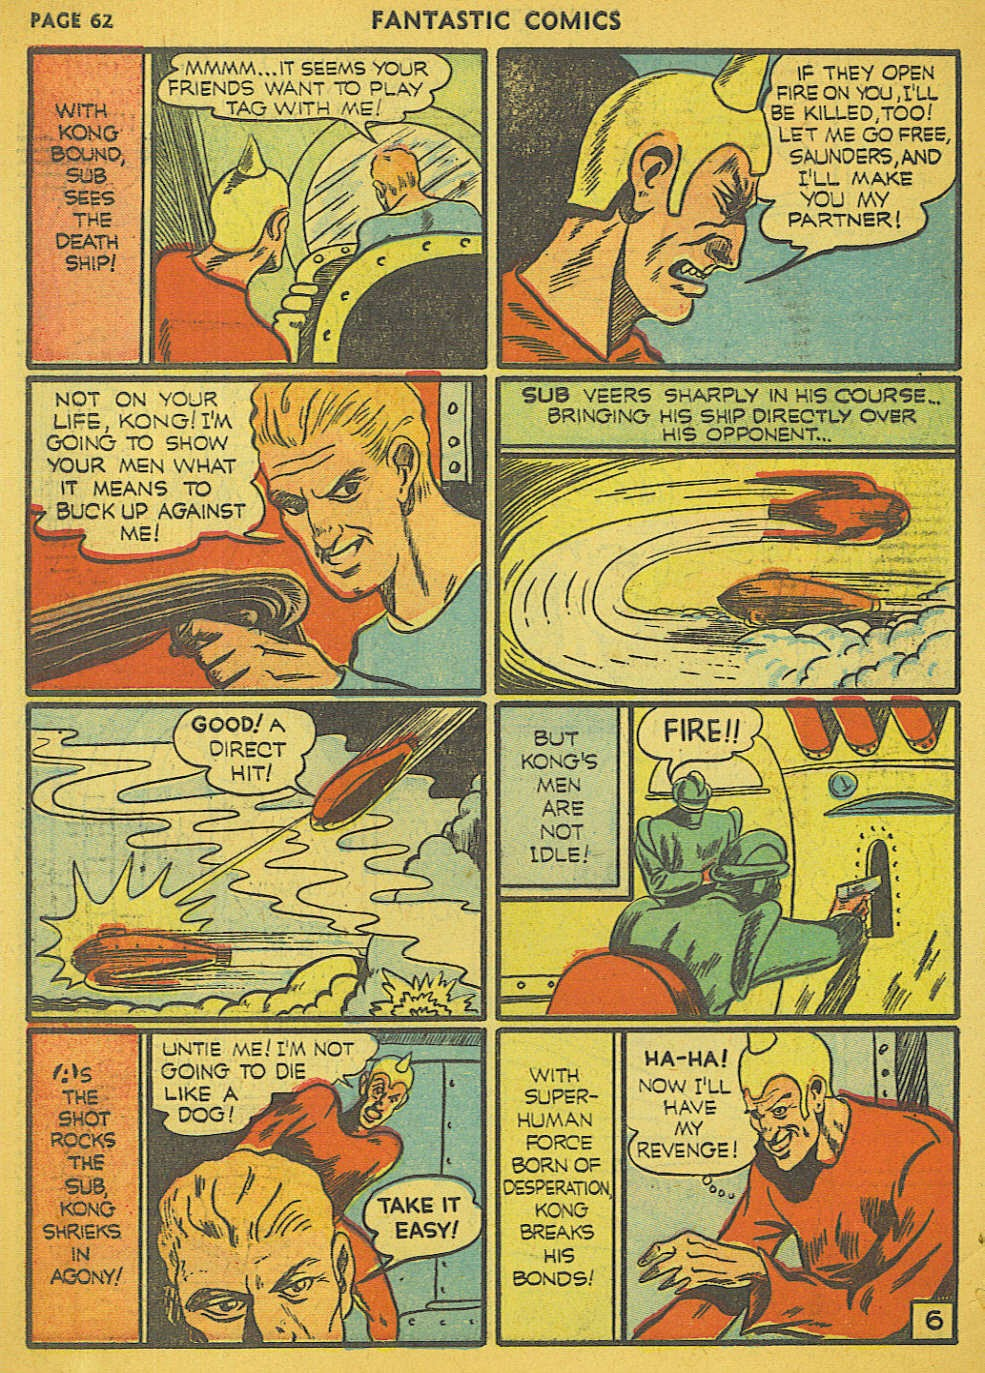 Read online Fantastic Comics comic -  Issue #15 - 58